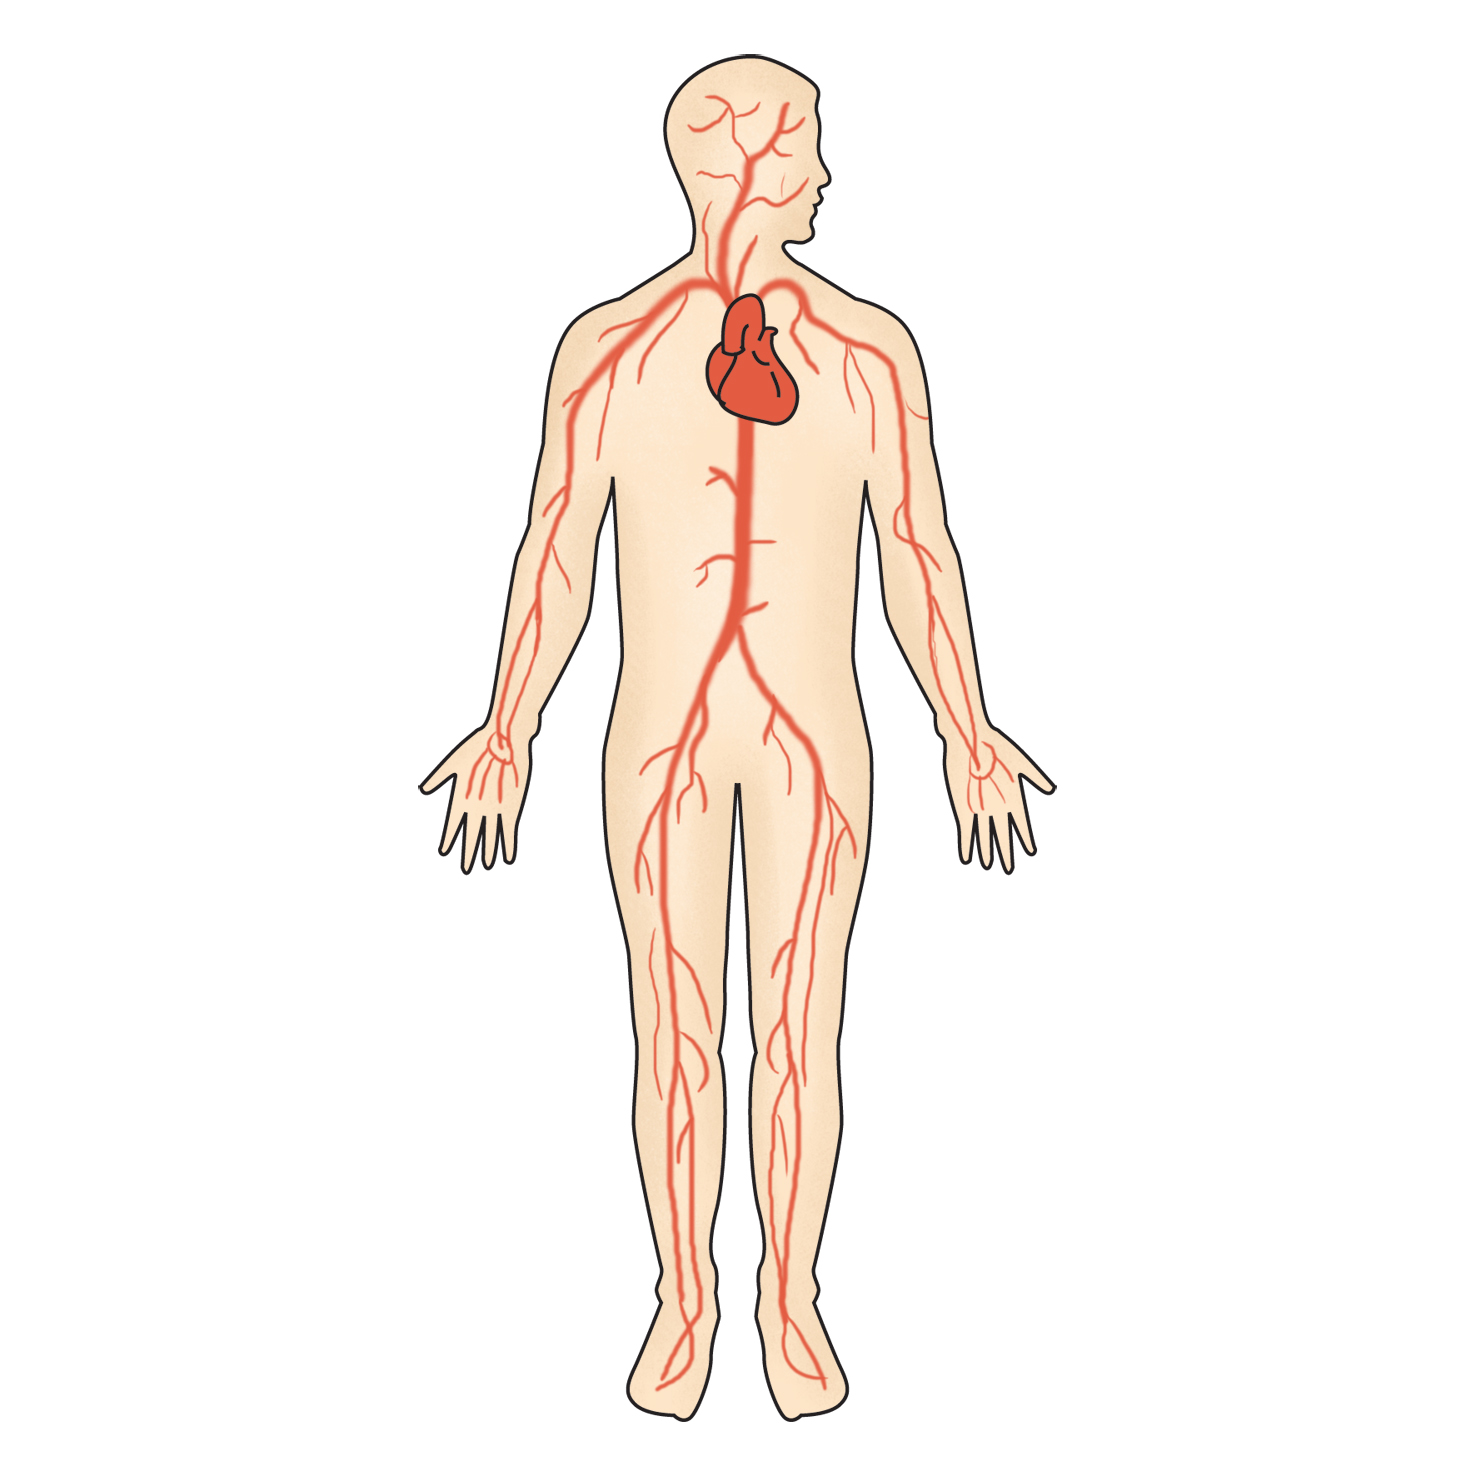 몸의 혈관 동맥과 정맥